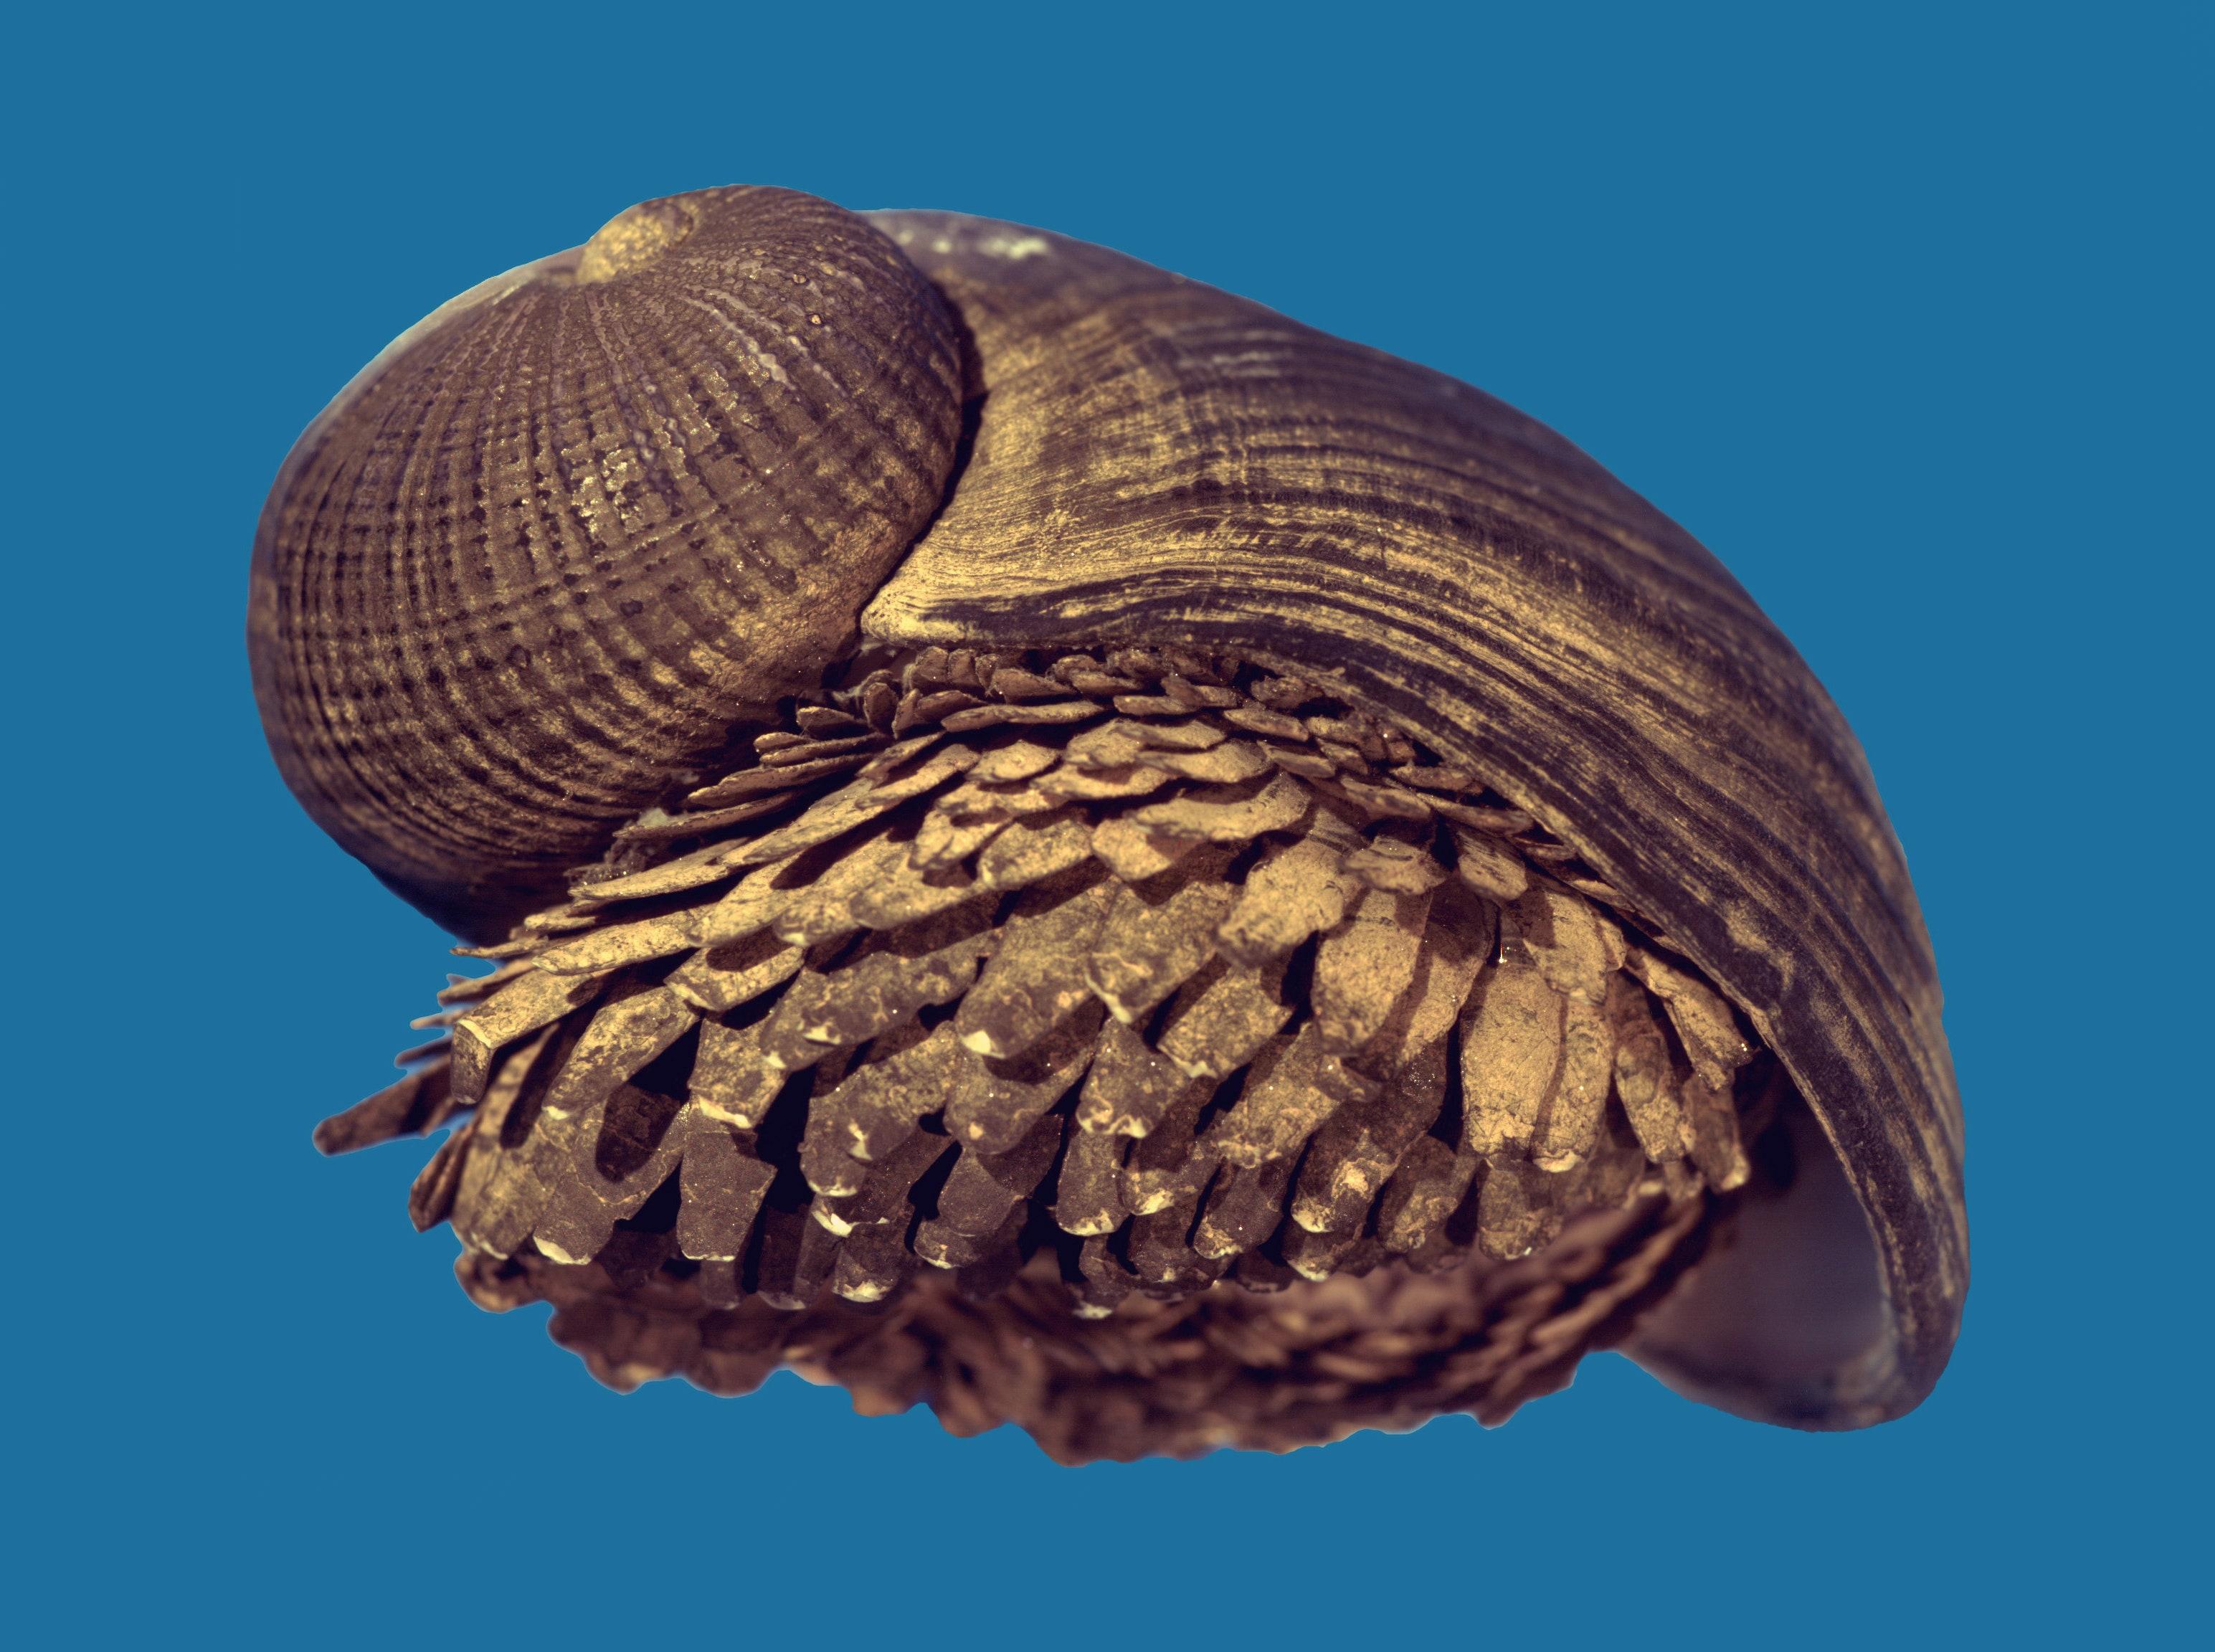 O caramujo de ferro é o único animal que possui uma proteção de escamas feitas de ferro. Fonte: Twitter / Reprodução